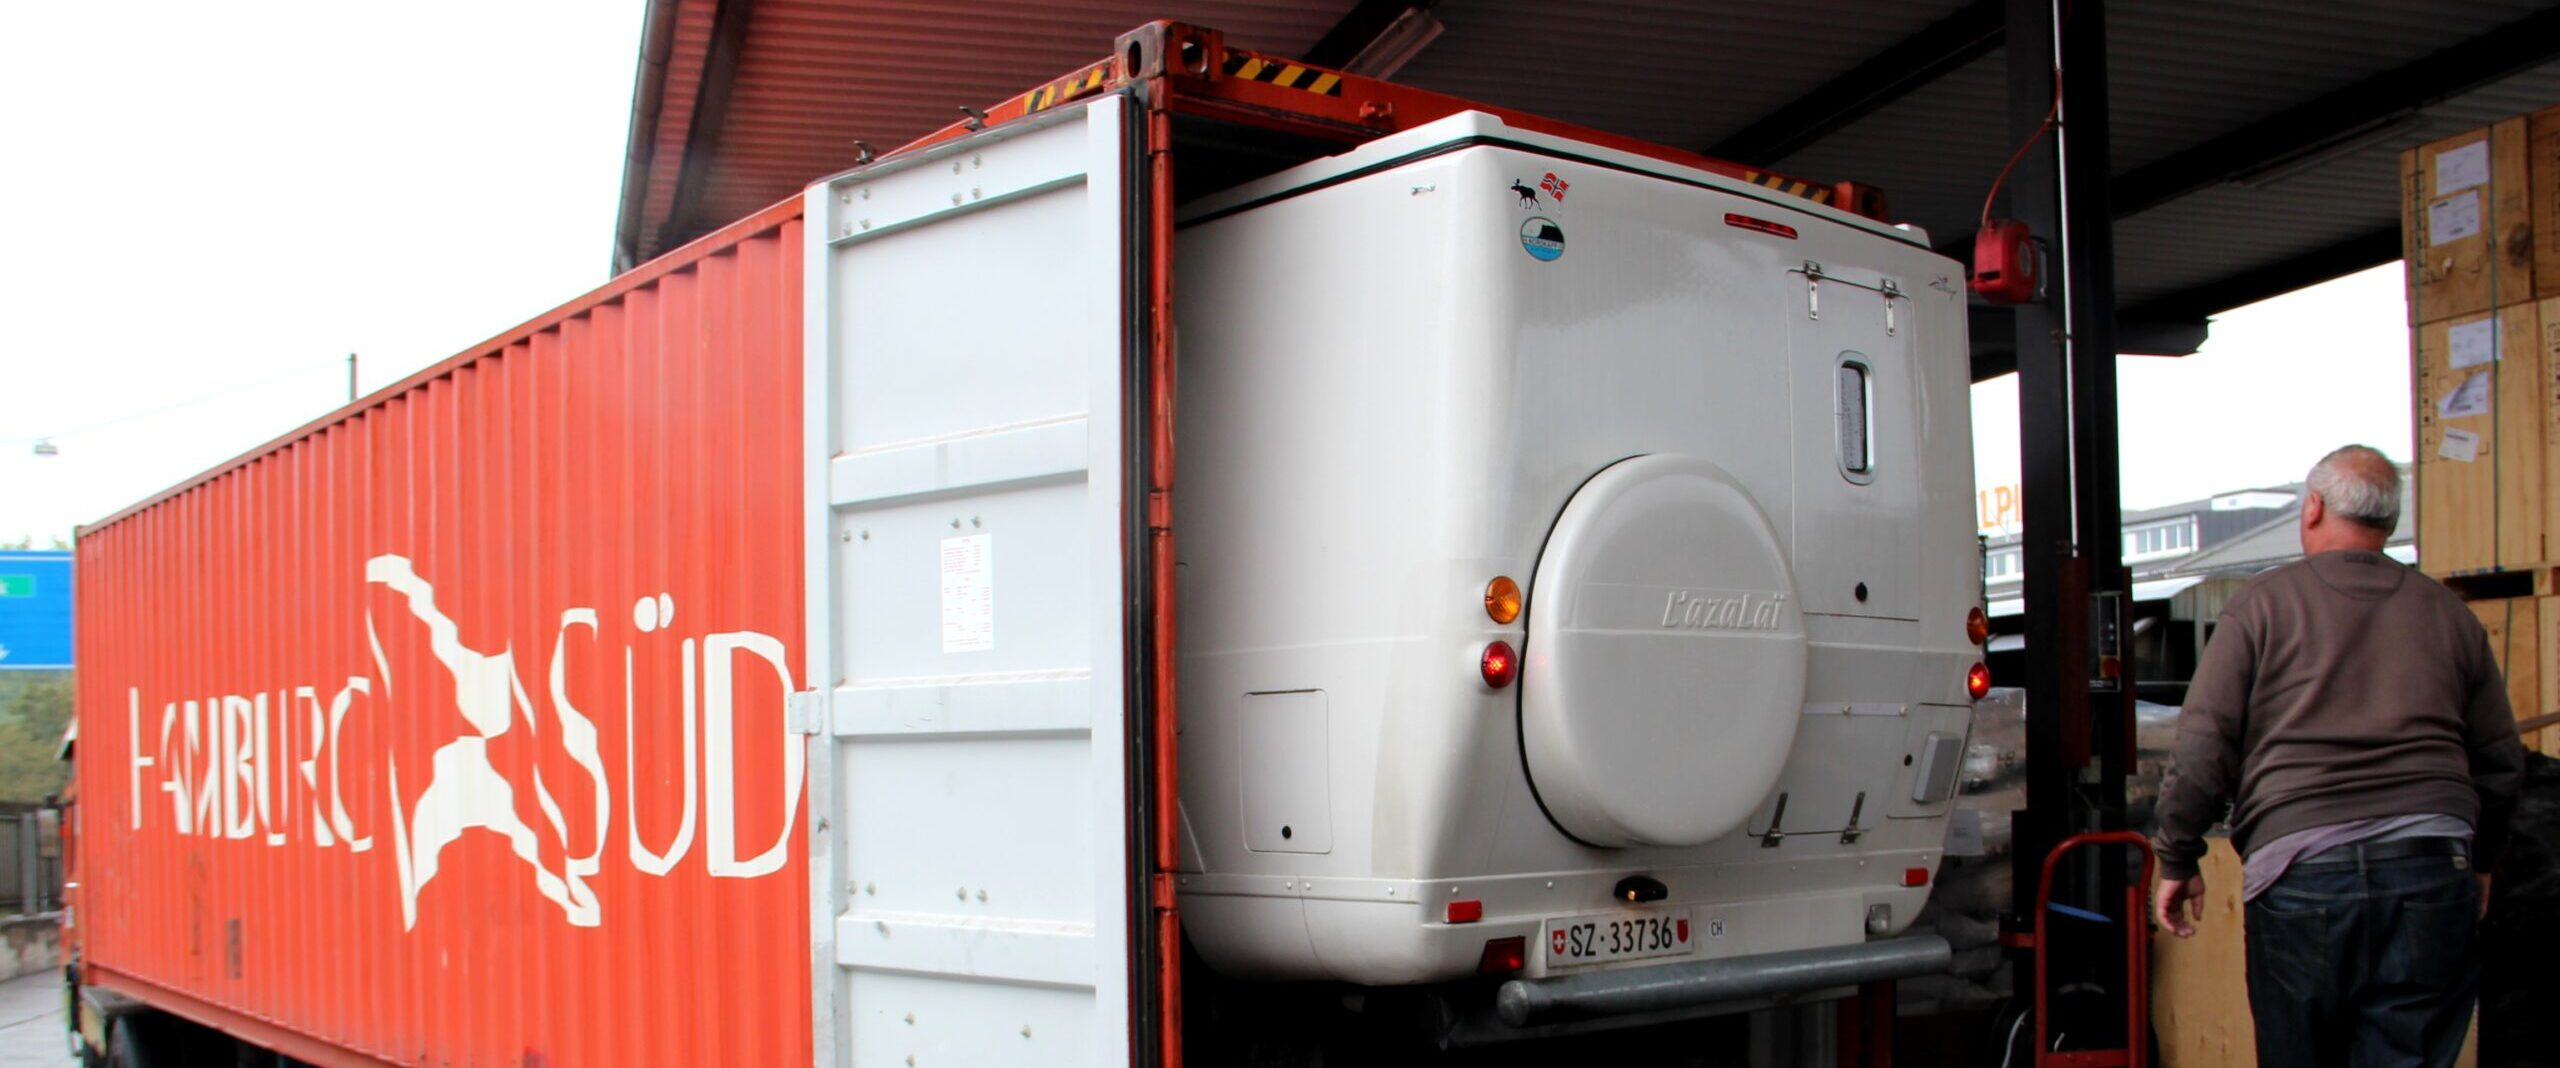 01 – Unsere Randulina wird in einen Container verpackt